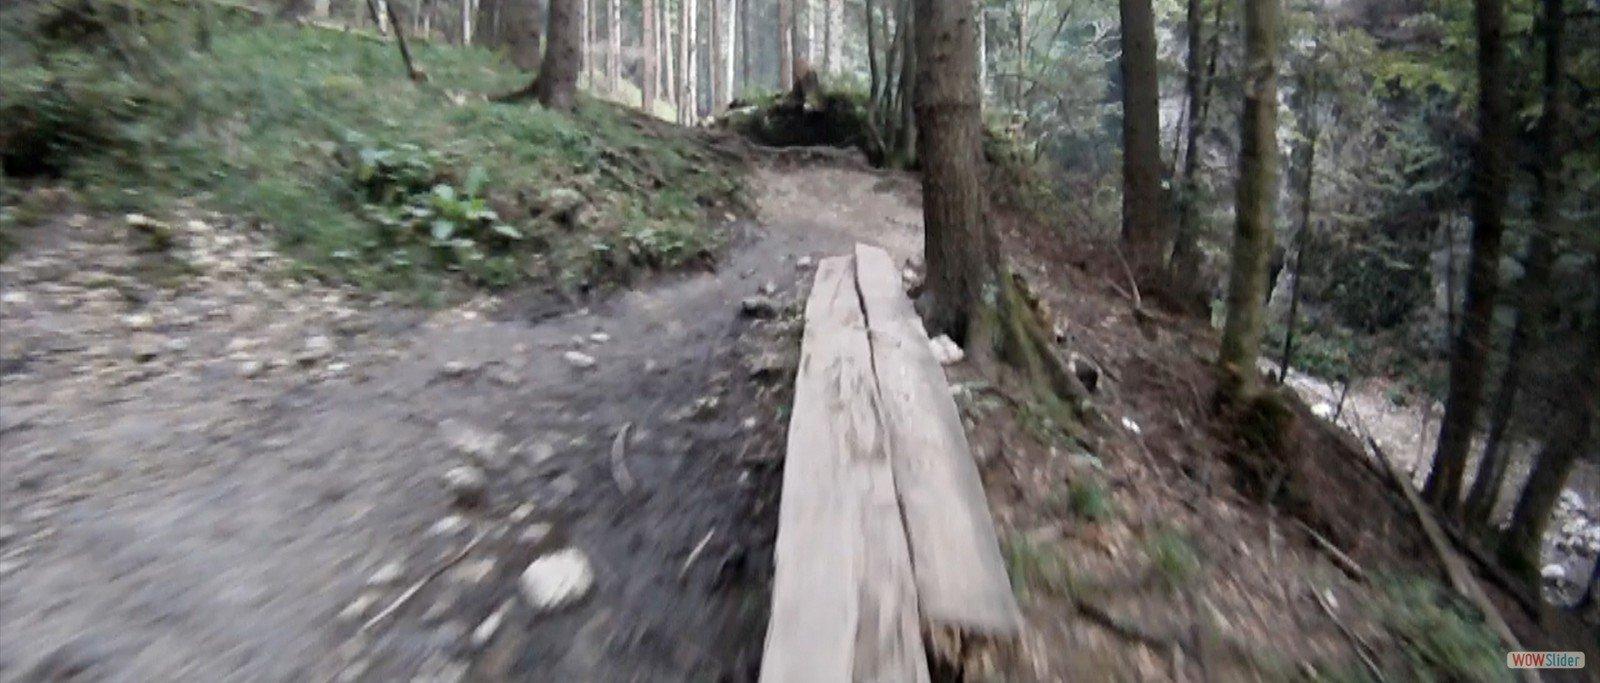 Coborare cu bicicleta de la Canionul Sapte Scari